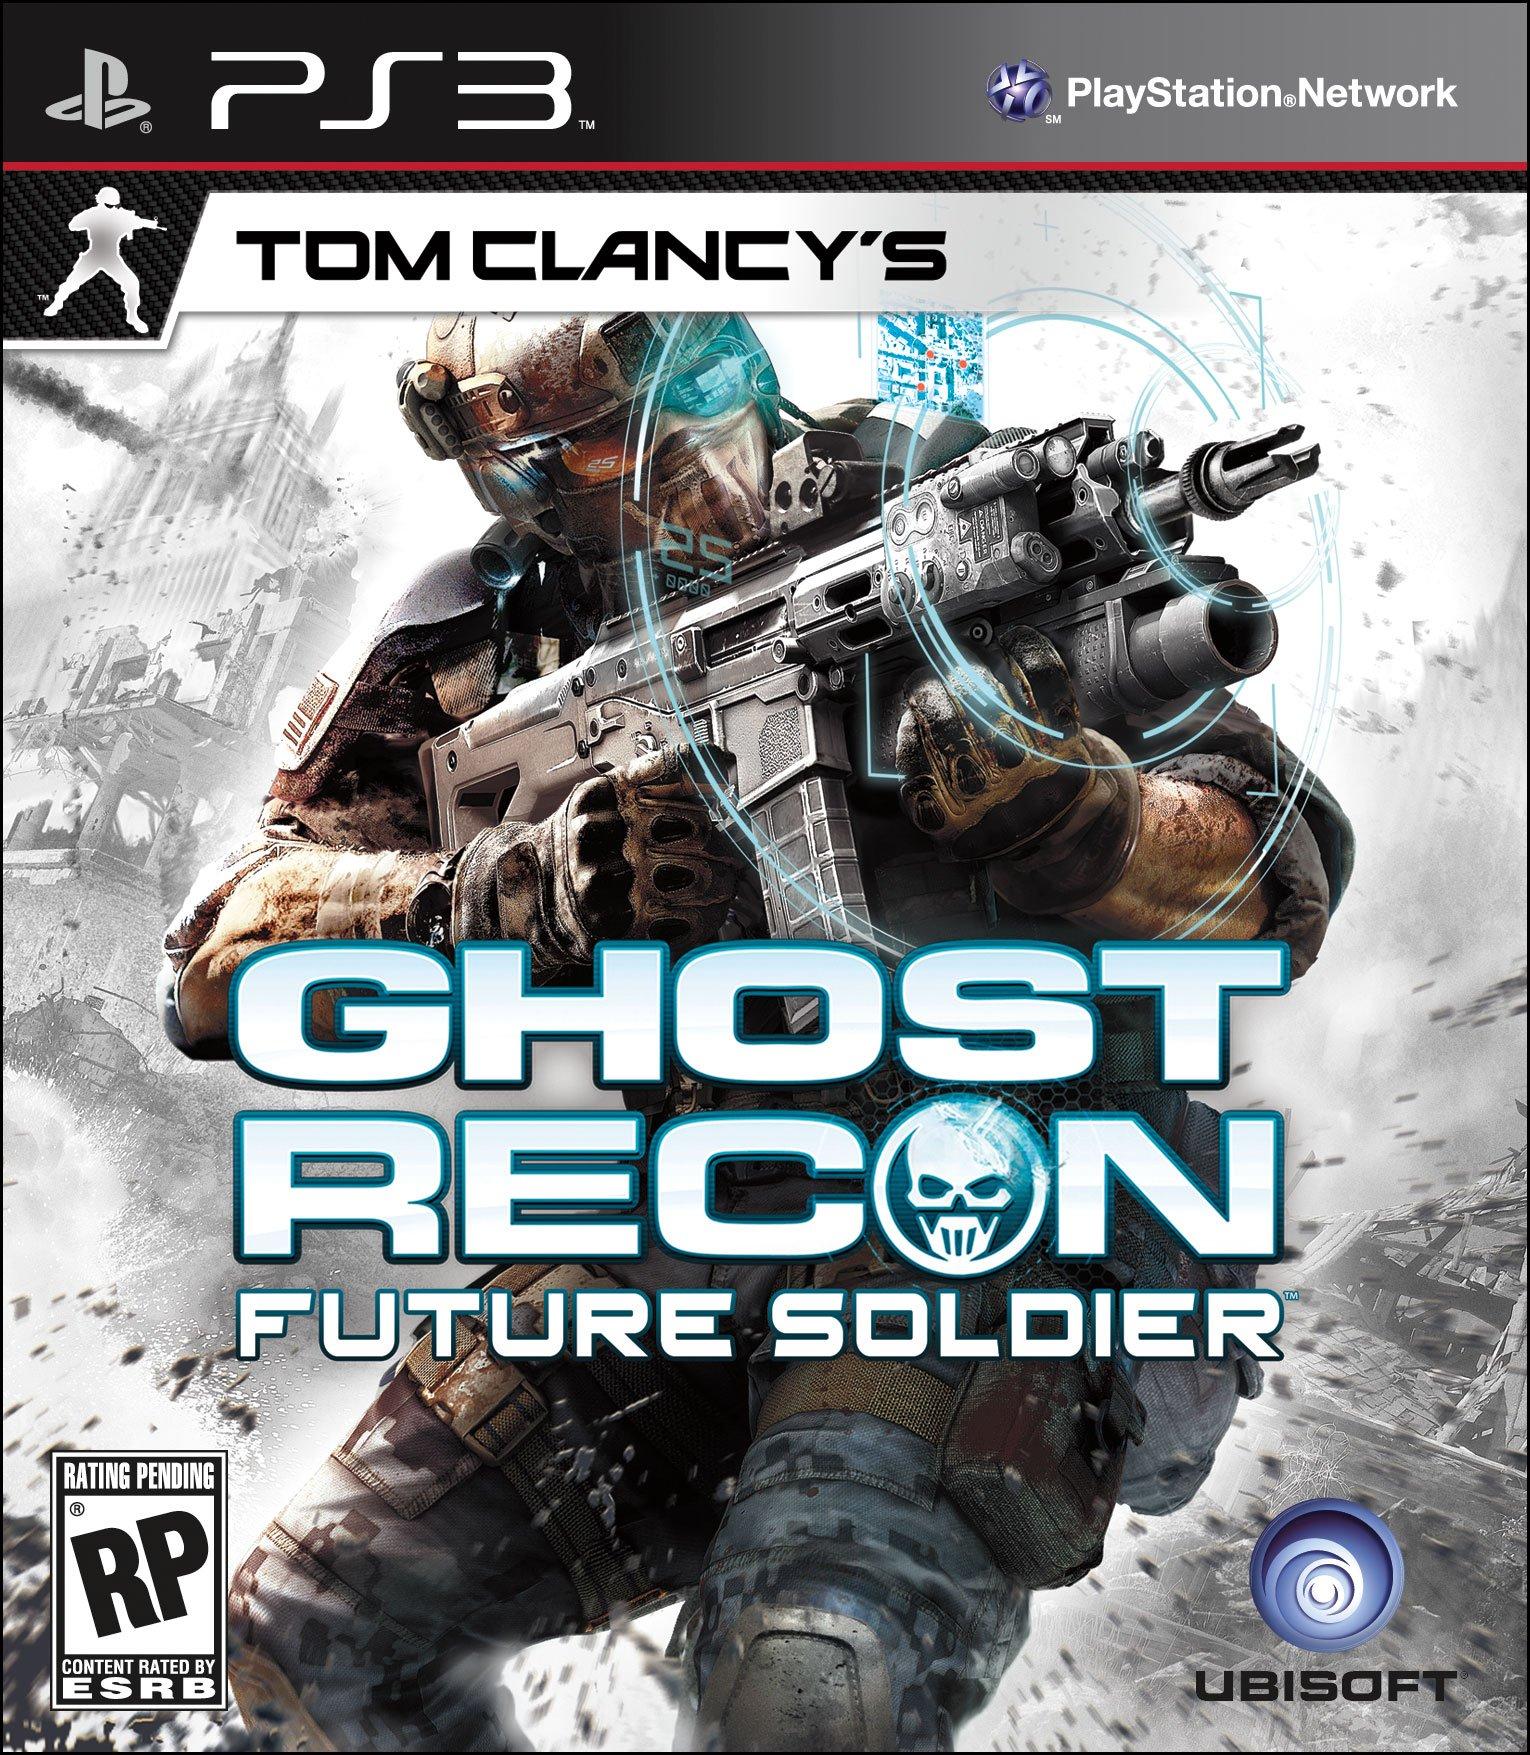 Ghost-Recon-Future-Soldier_2012_02-23-12_001